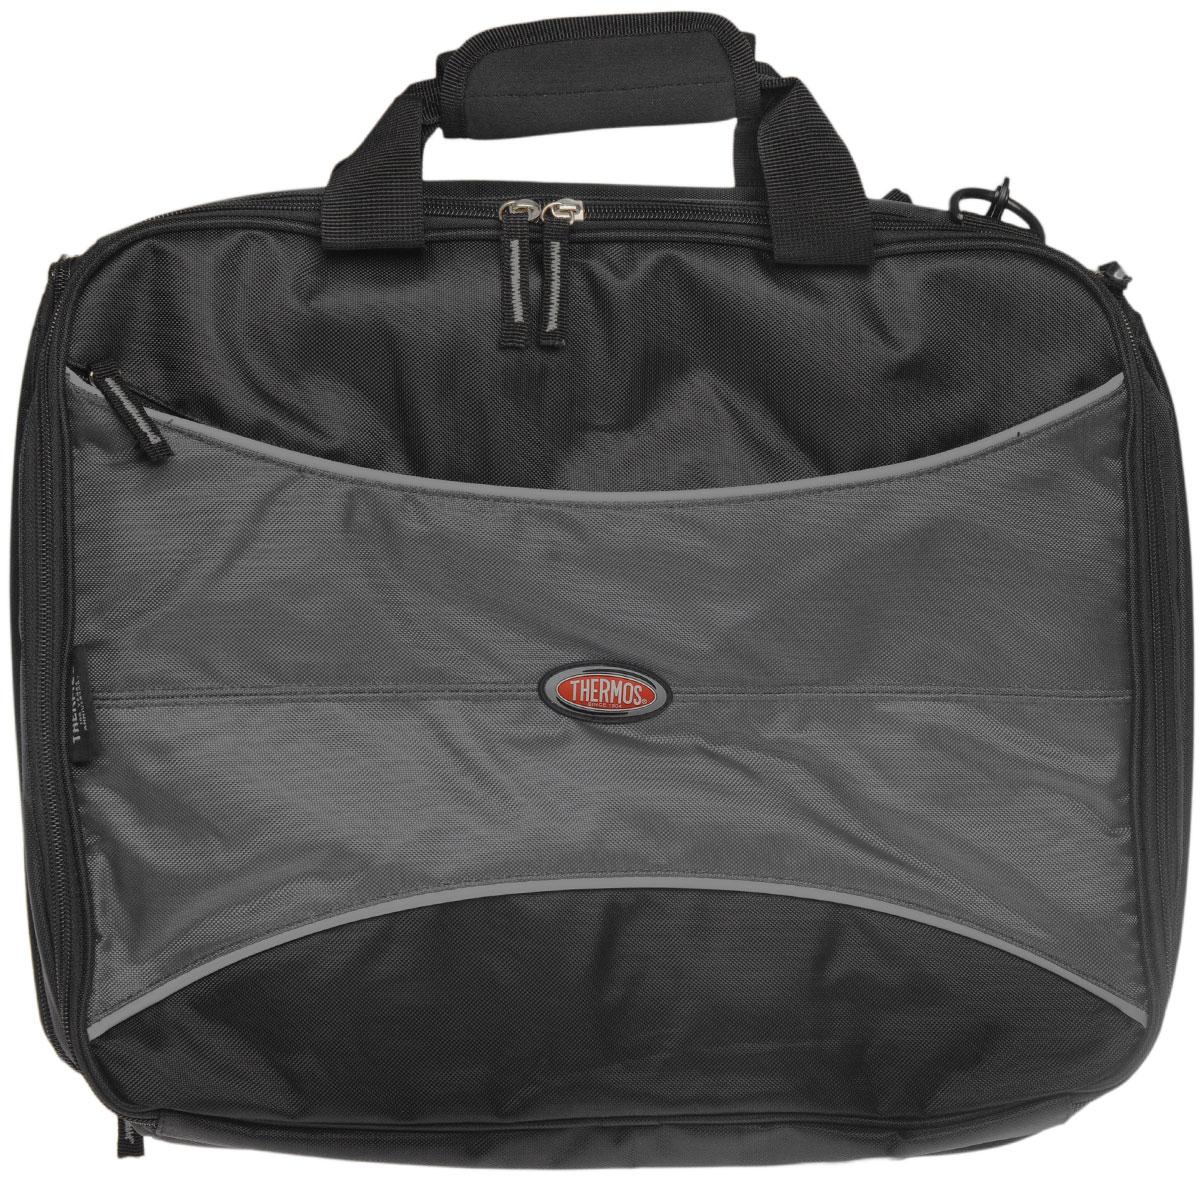 Сумка для ноутбука Thermos, 44 см х 37 см х 9 см735317Конструкция сумки Thermos предполагает ее использование в качестве рюкзака (дополнительно укомплектована плечевым ремнем со съемными карабинами). Отличается легкостью и прочностью, легко моется. Очень удобная, практичная и универсальная сумка.